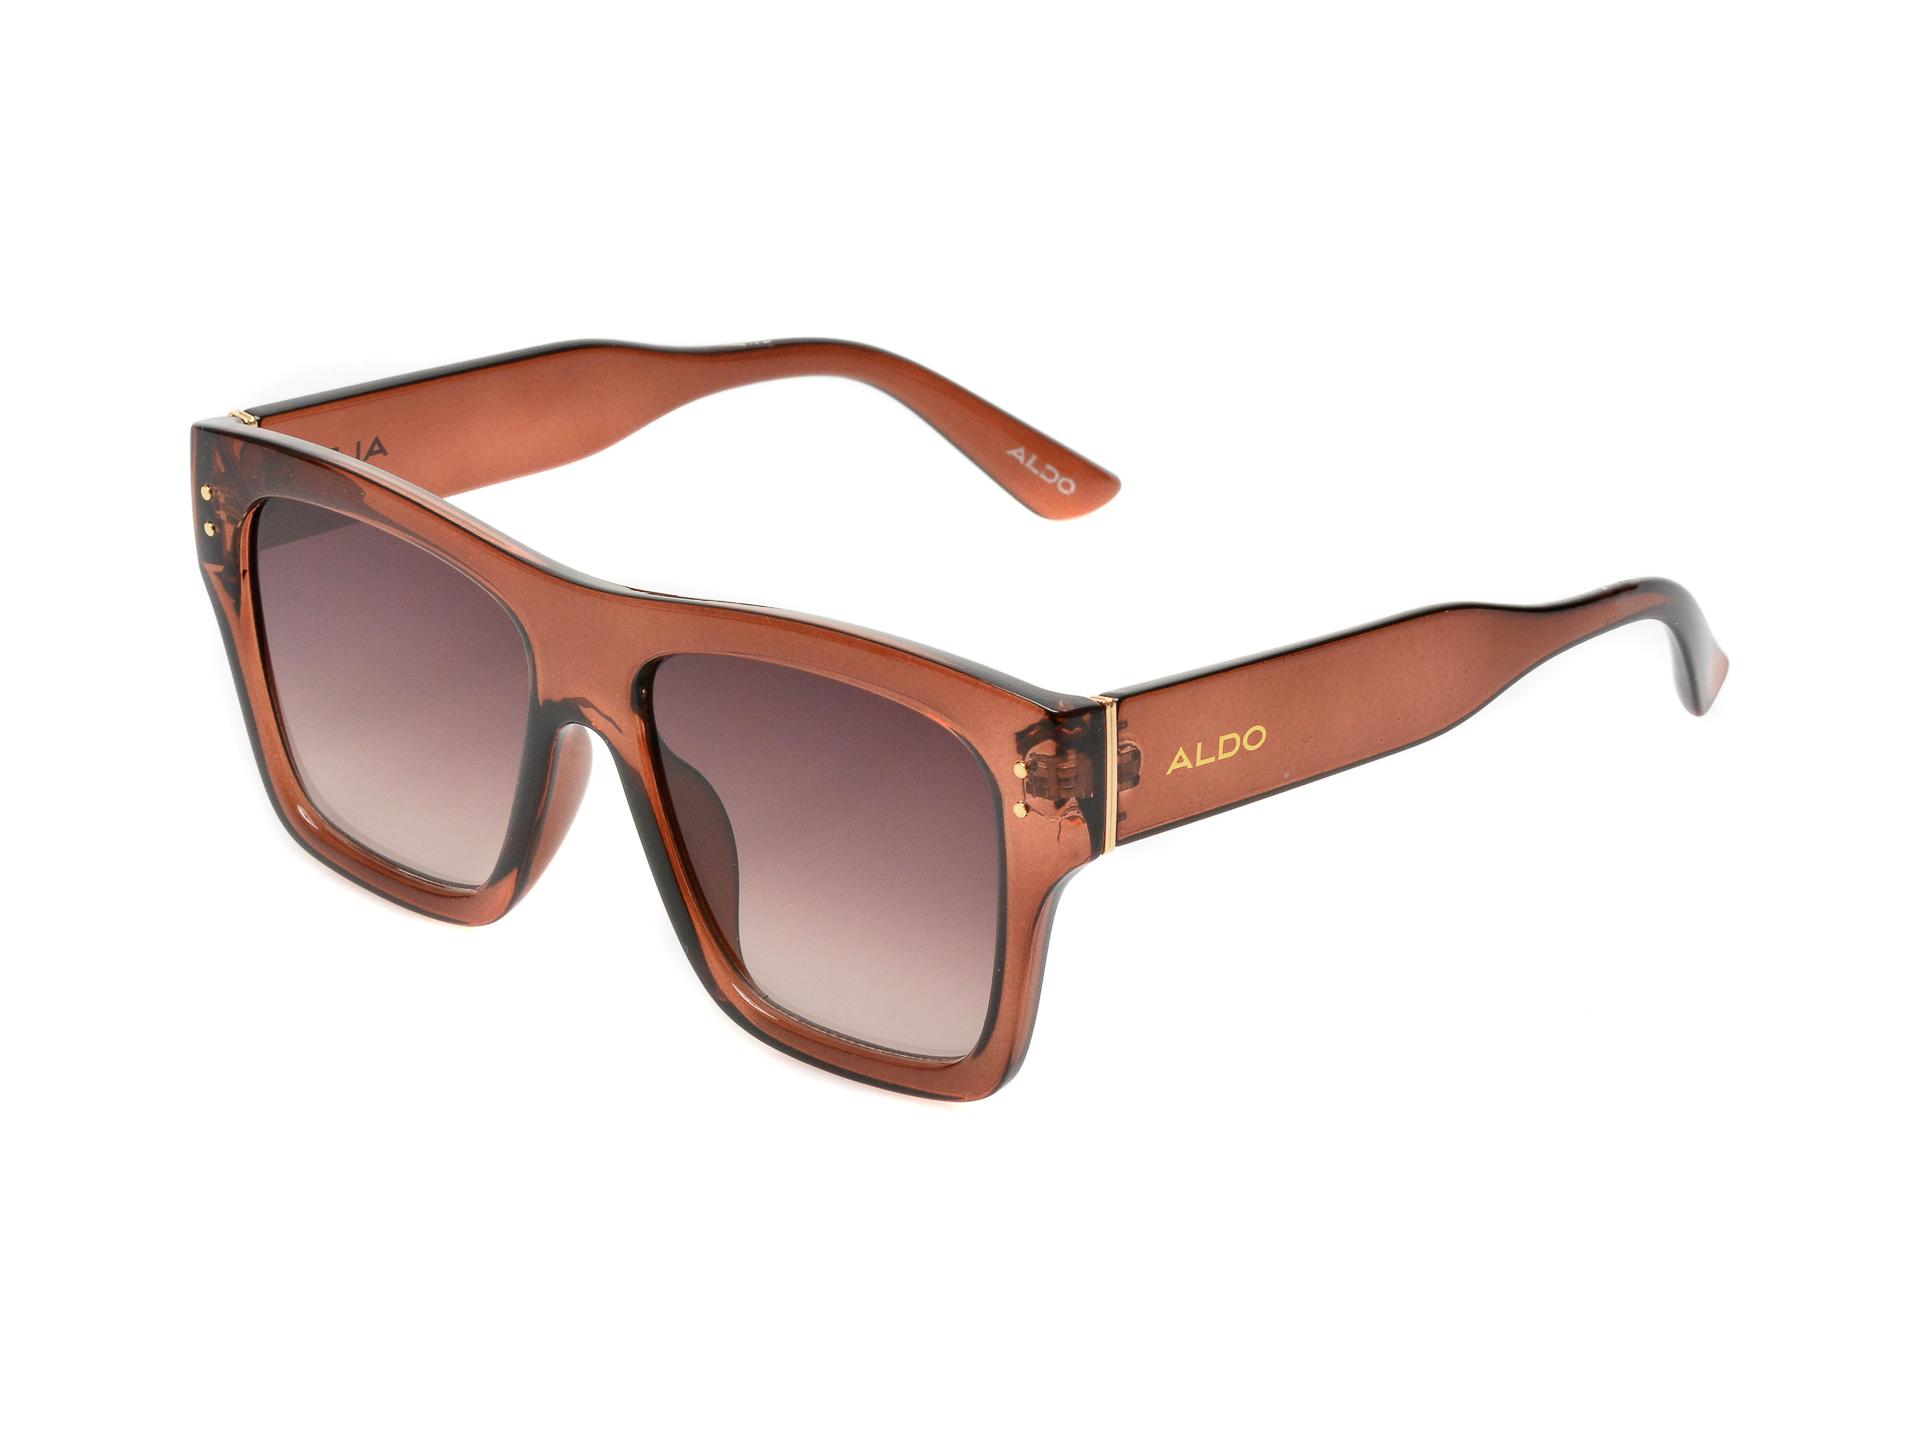 Ochelari de soare ALDO maro, 13087806, din pvc imagine otter.ro 2021